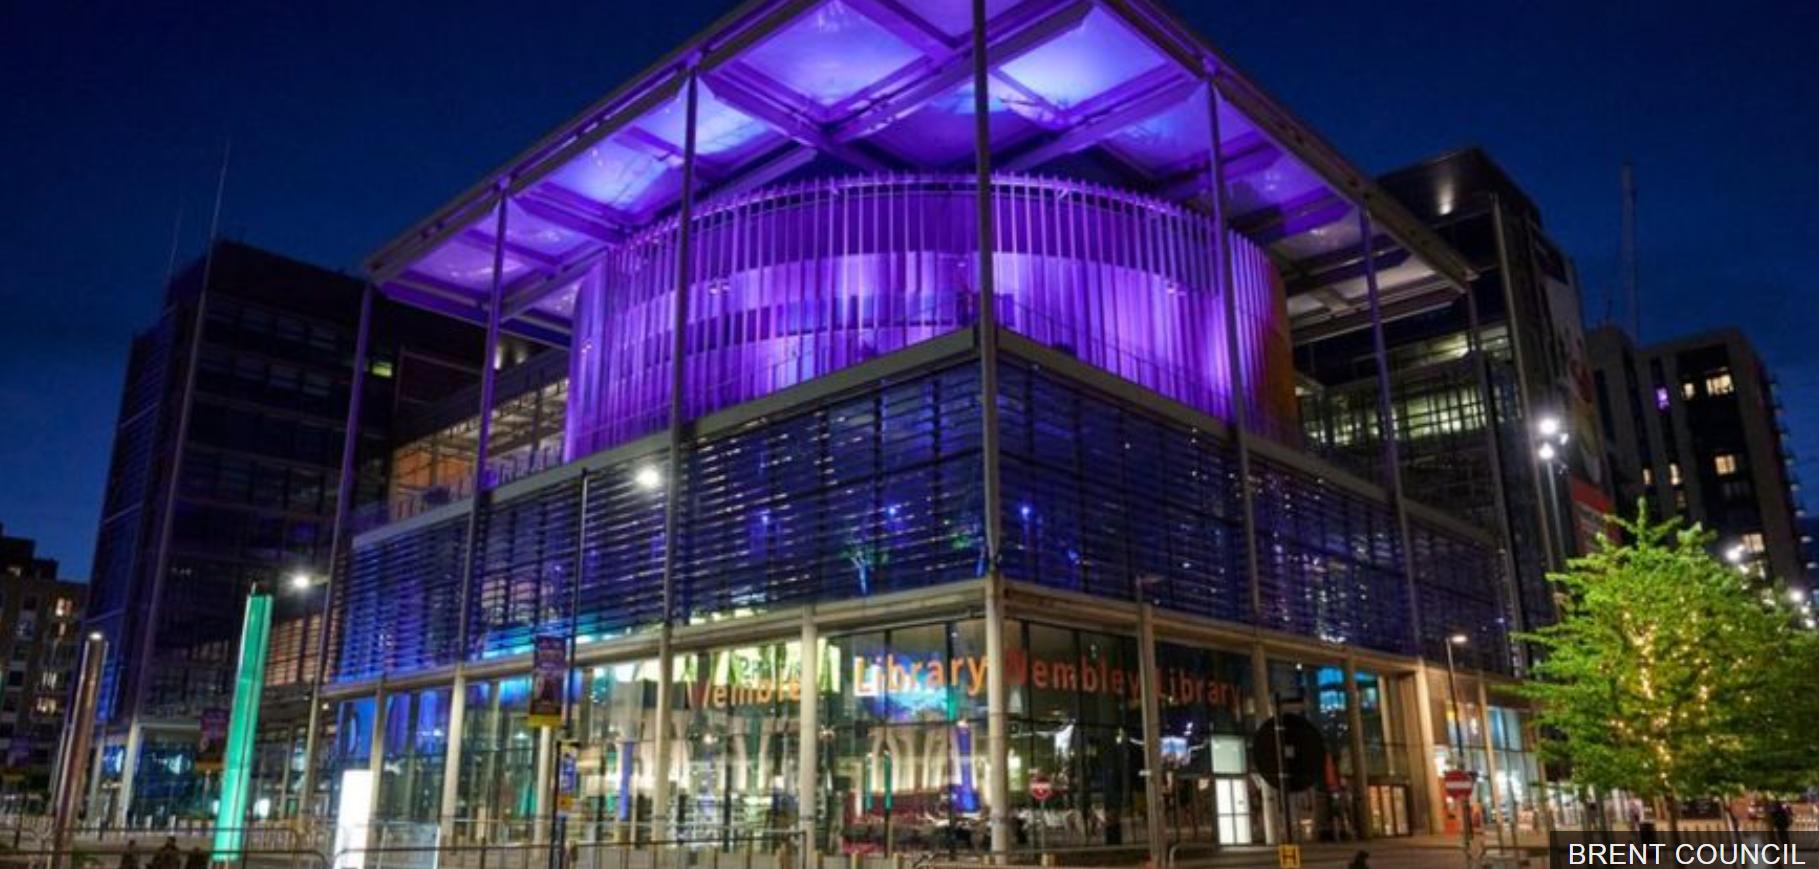 Brent City Council lit purple light